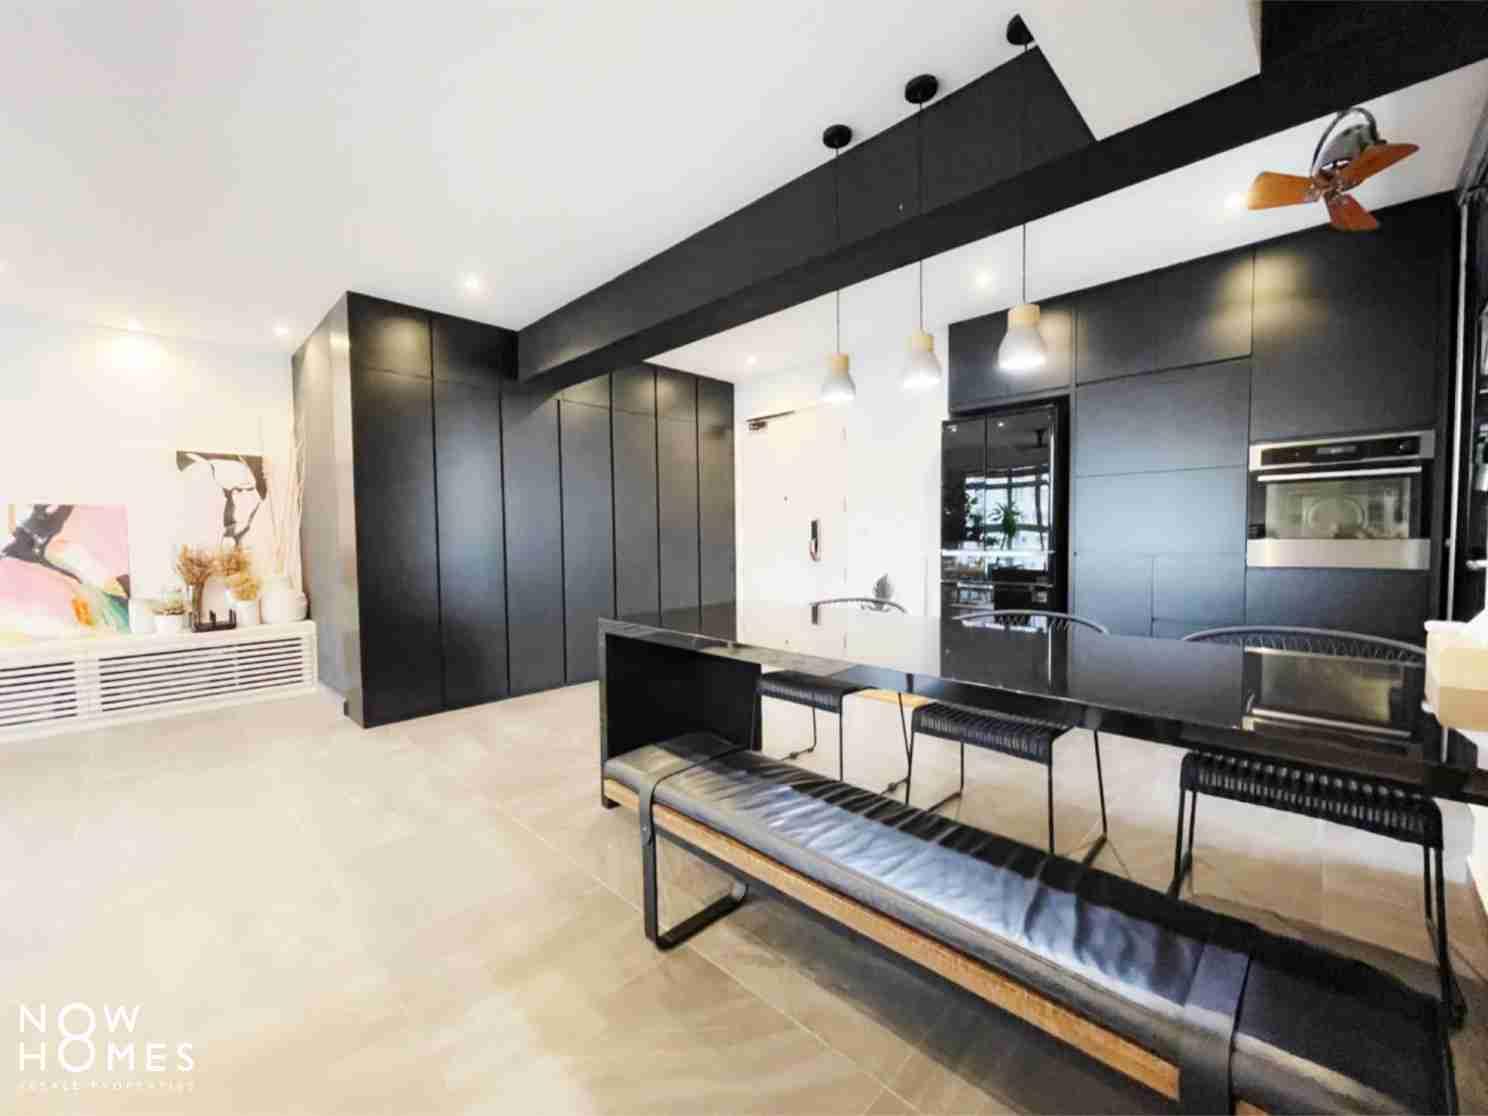 sengkang resale property - 288 compassvale - Living Room bench Doorview another image